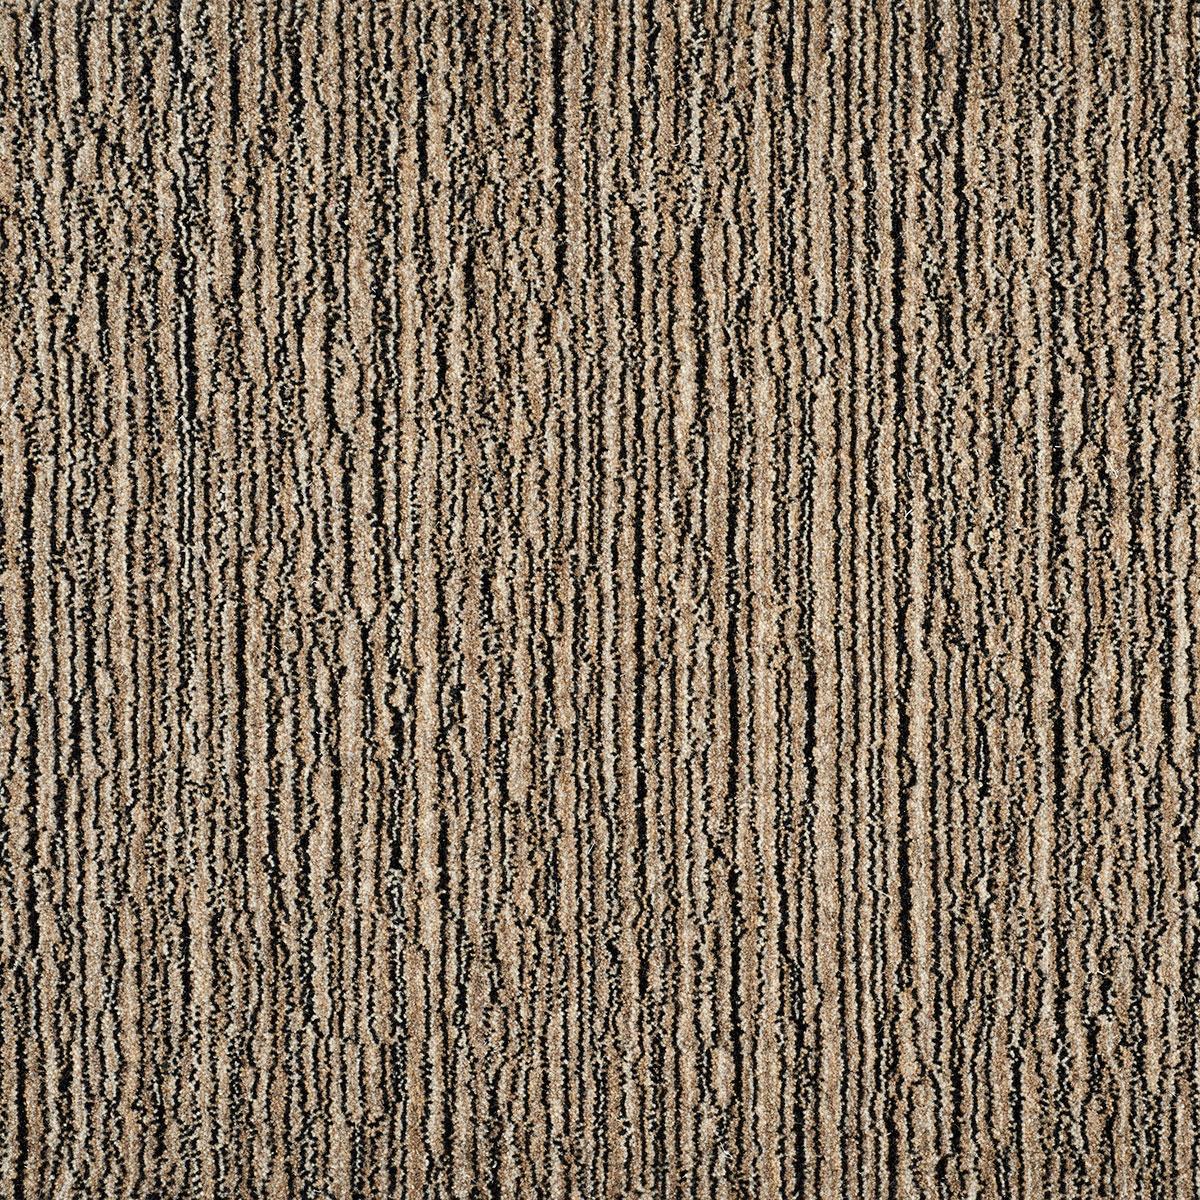 pentode-lineage_wool_broadloom_patterson-flynn-martin_pfm